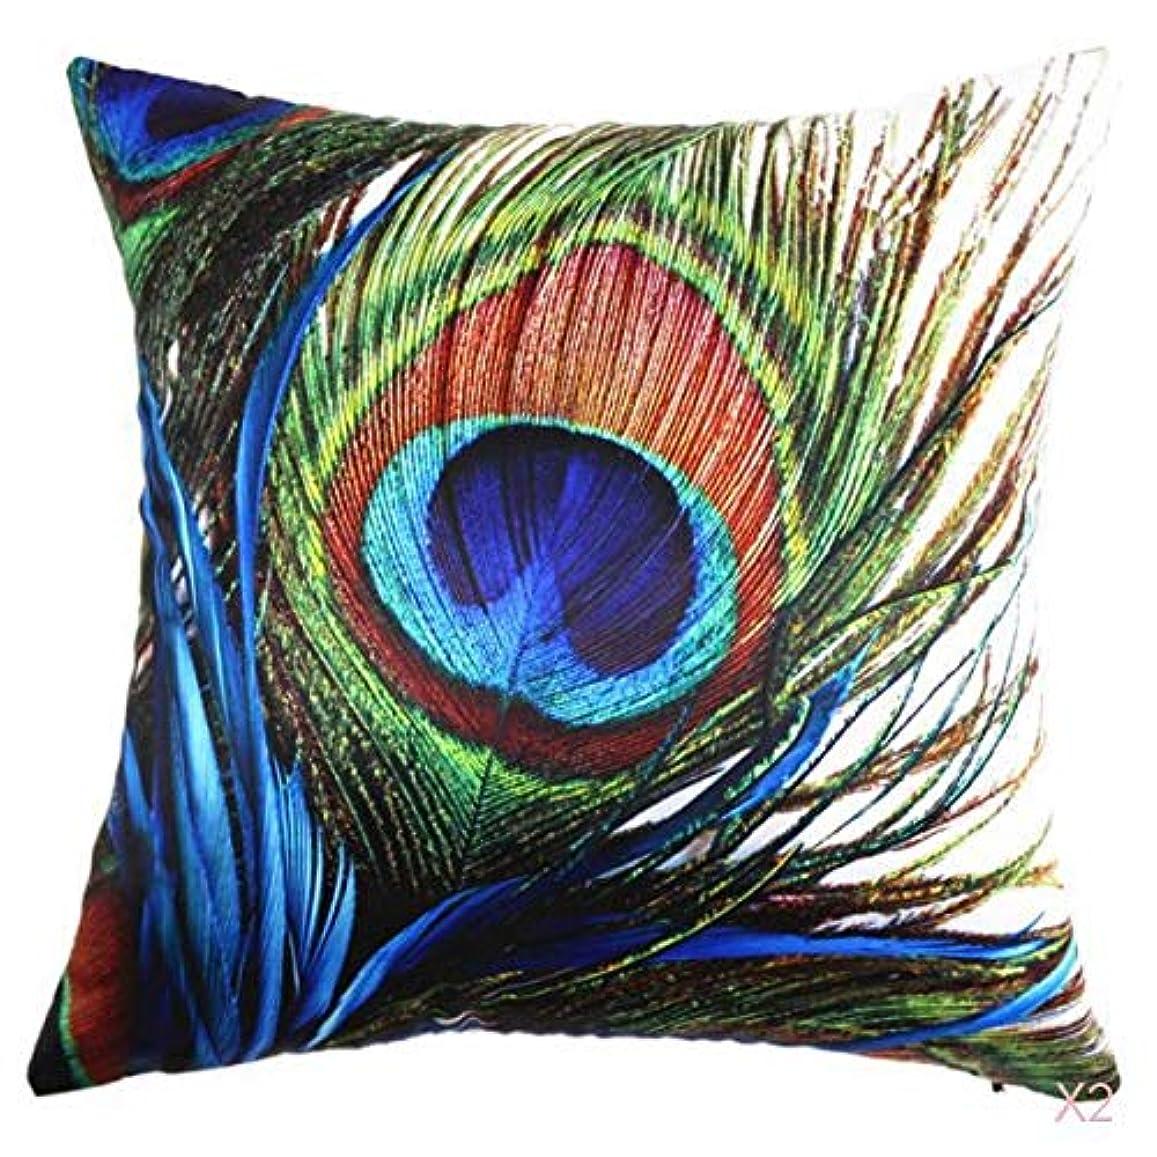 メンテナンスくま羊の45センチメートル家の装飾スロー枕カバークッションカバーヴィンテージ孔雀のパターン10